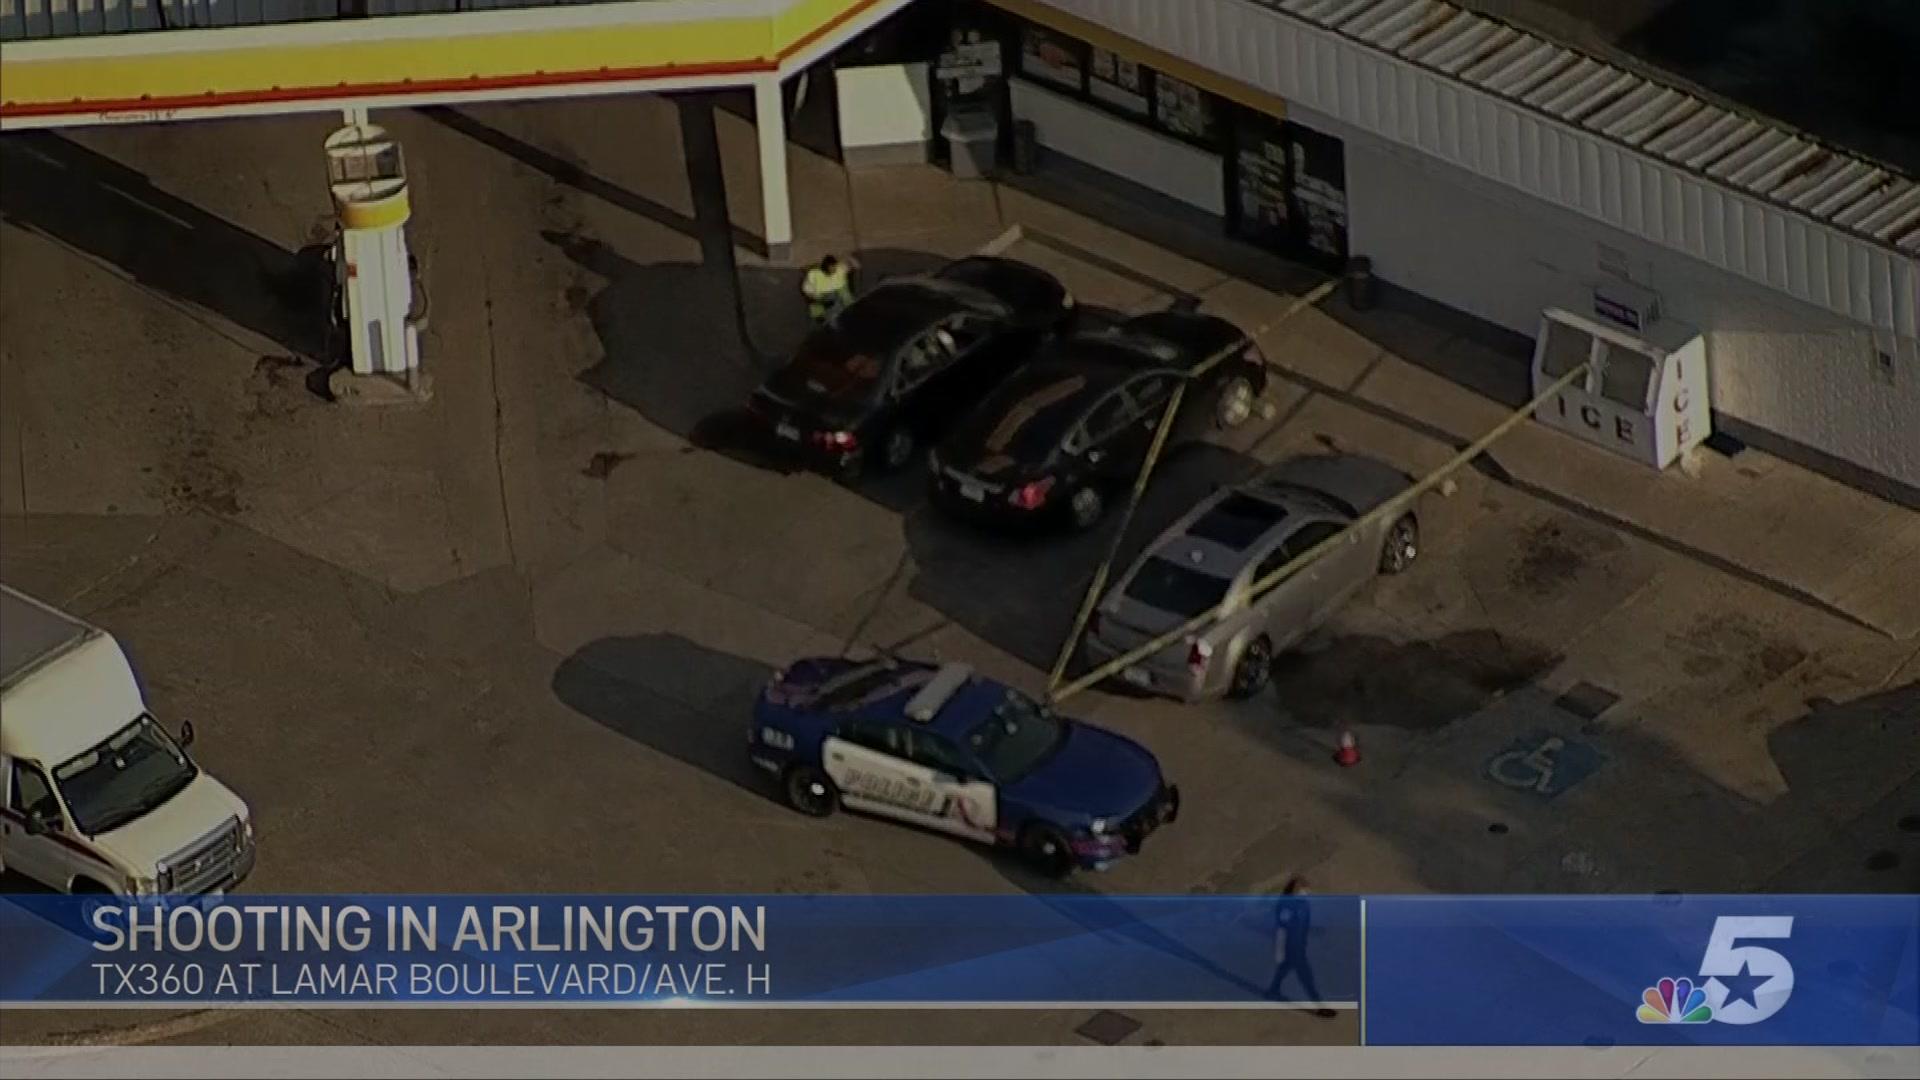 Man injures ex-girlfriend after firing shots outside